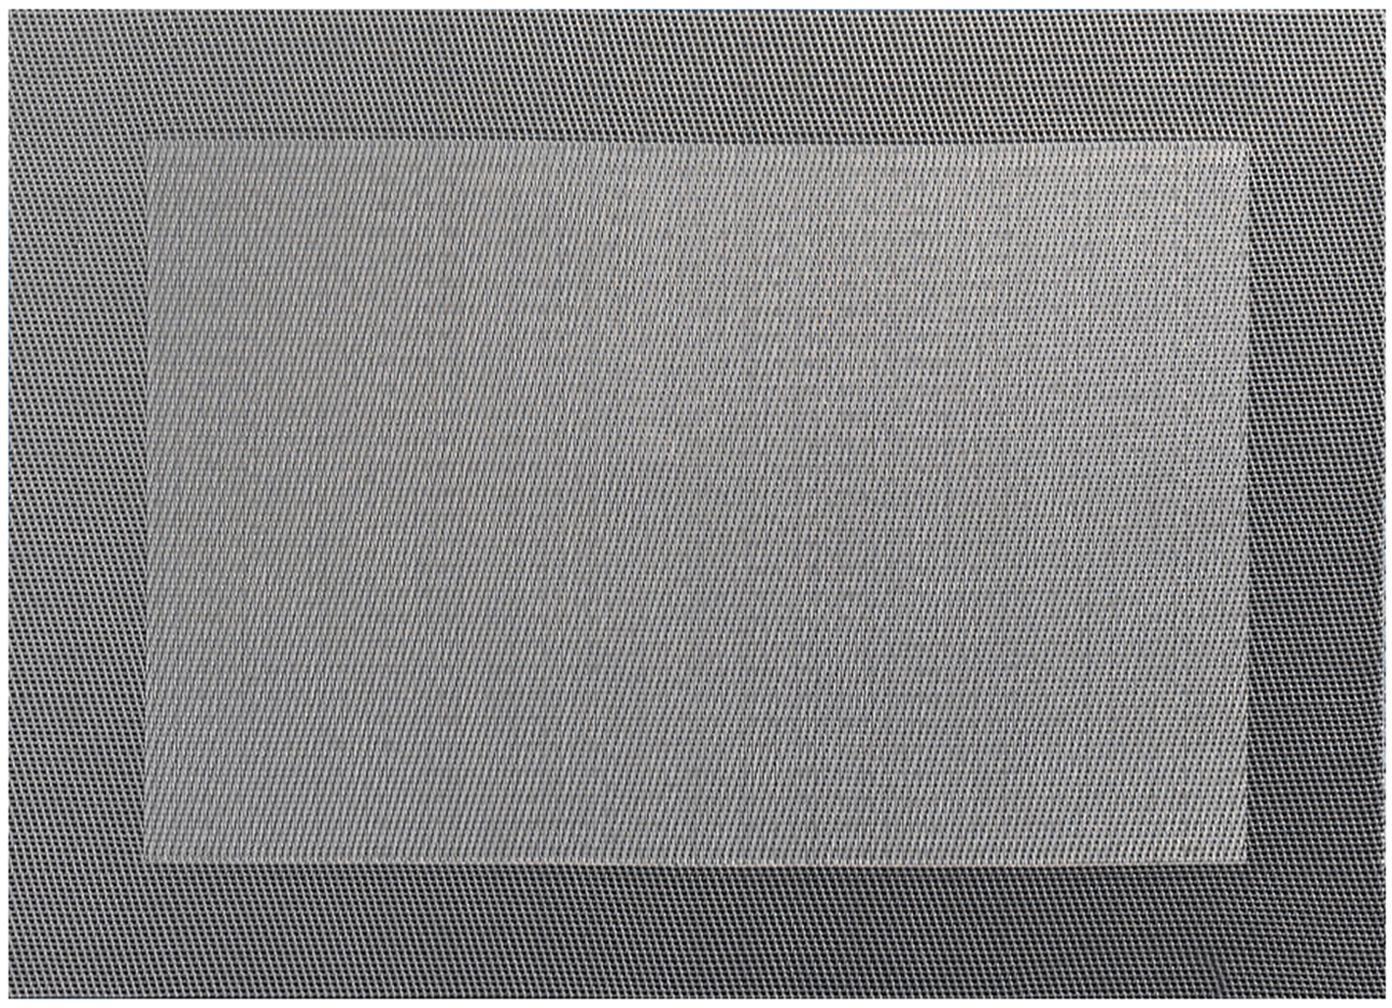 Tovaglietta americana in materiale sintetico Trefl 2 pz, Materiale sintetico (PVC), Tonalità grigie, Larg. 33 x Lung. 46 cm